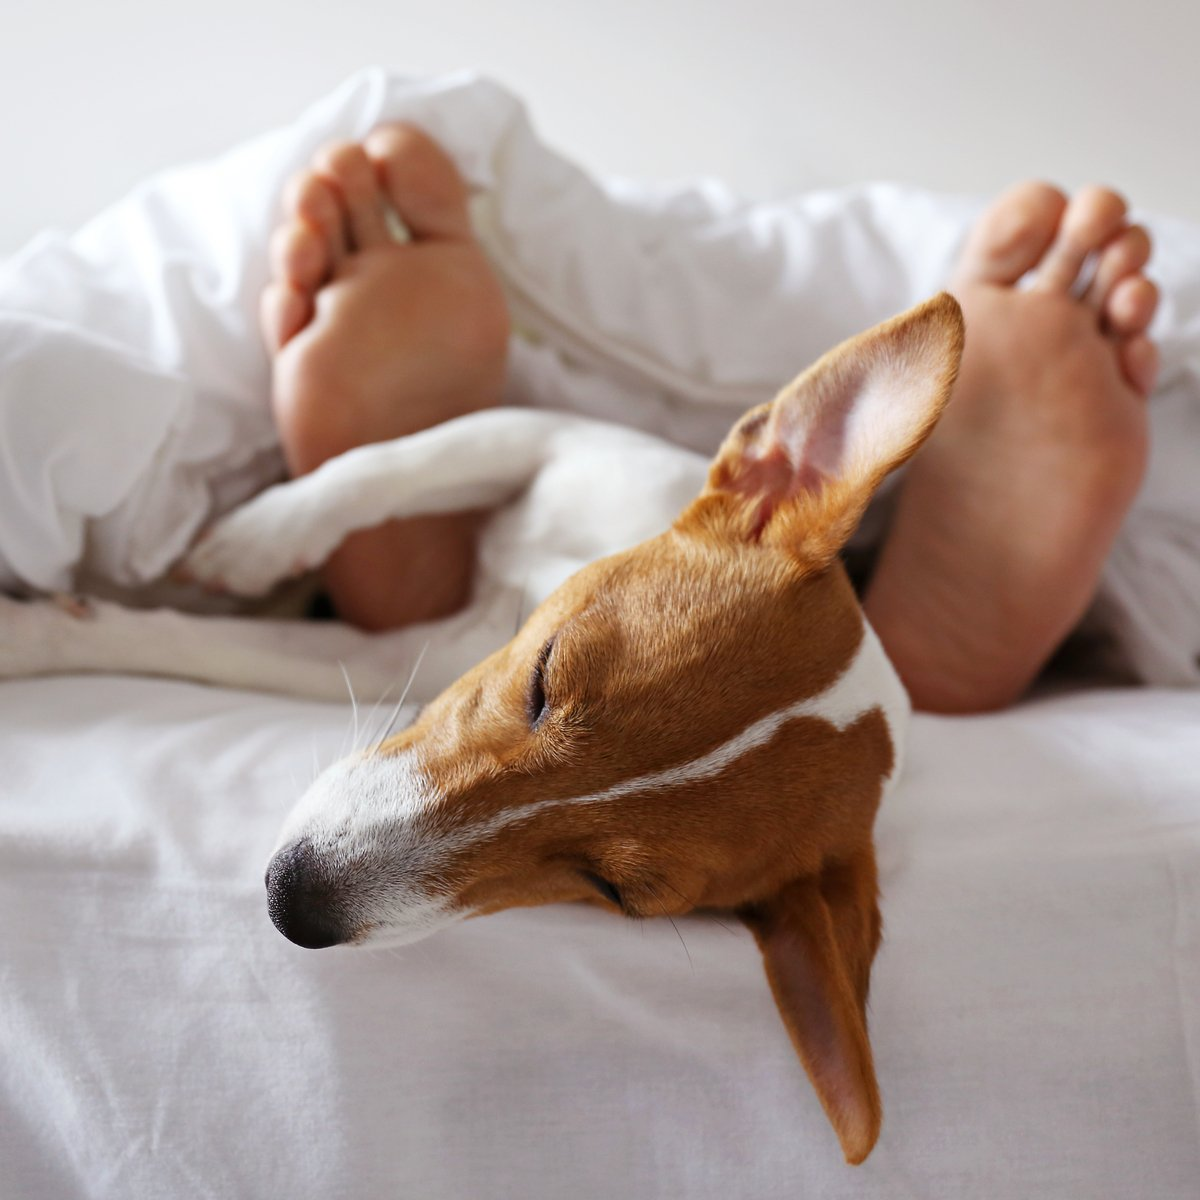 Dog at Hotel.